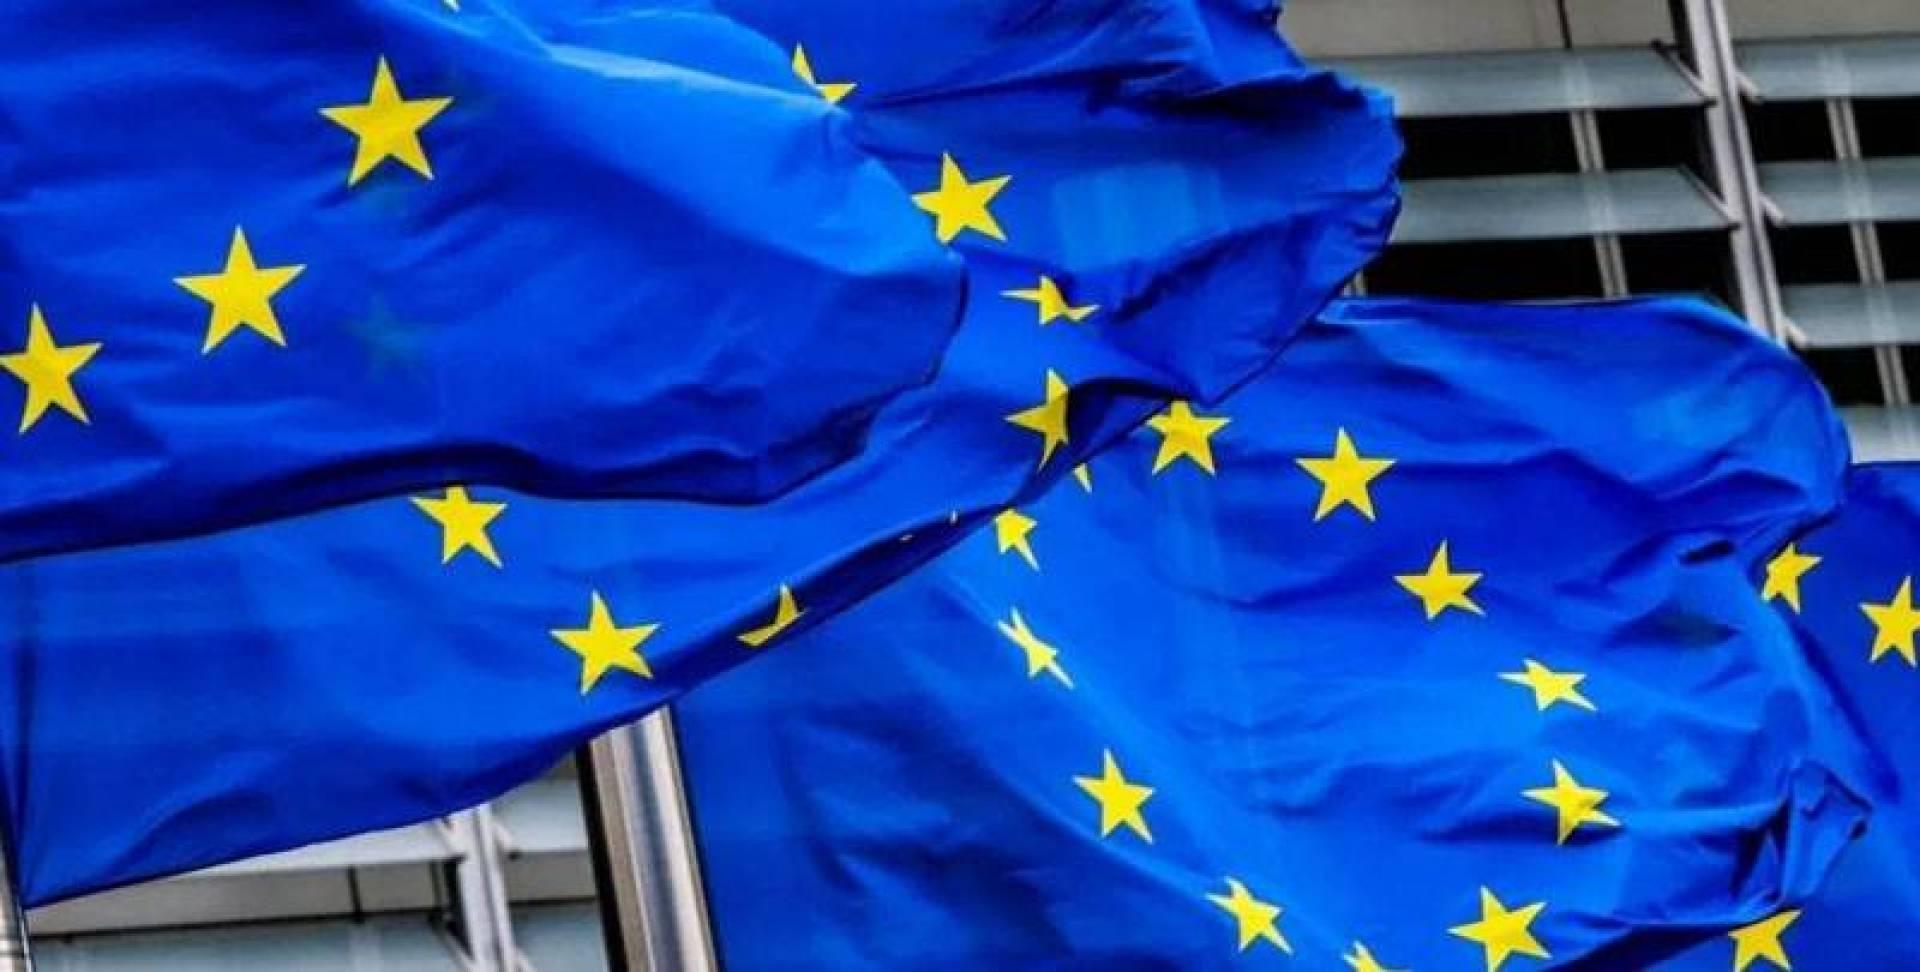 «الأوروبي» يضيف 8 رجال أعمال وكيانين إلى قائمة العقوبات على سوريا